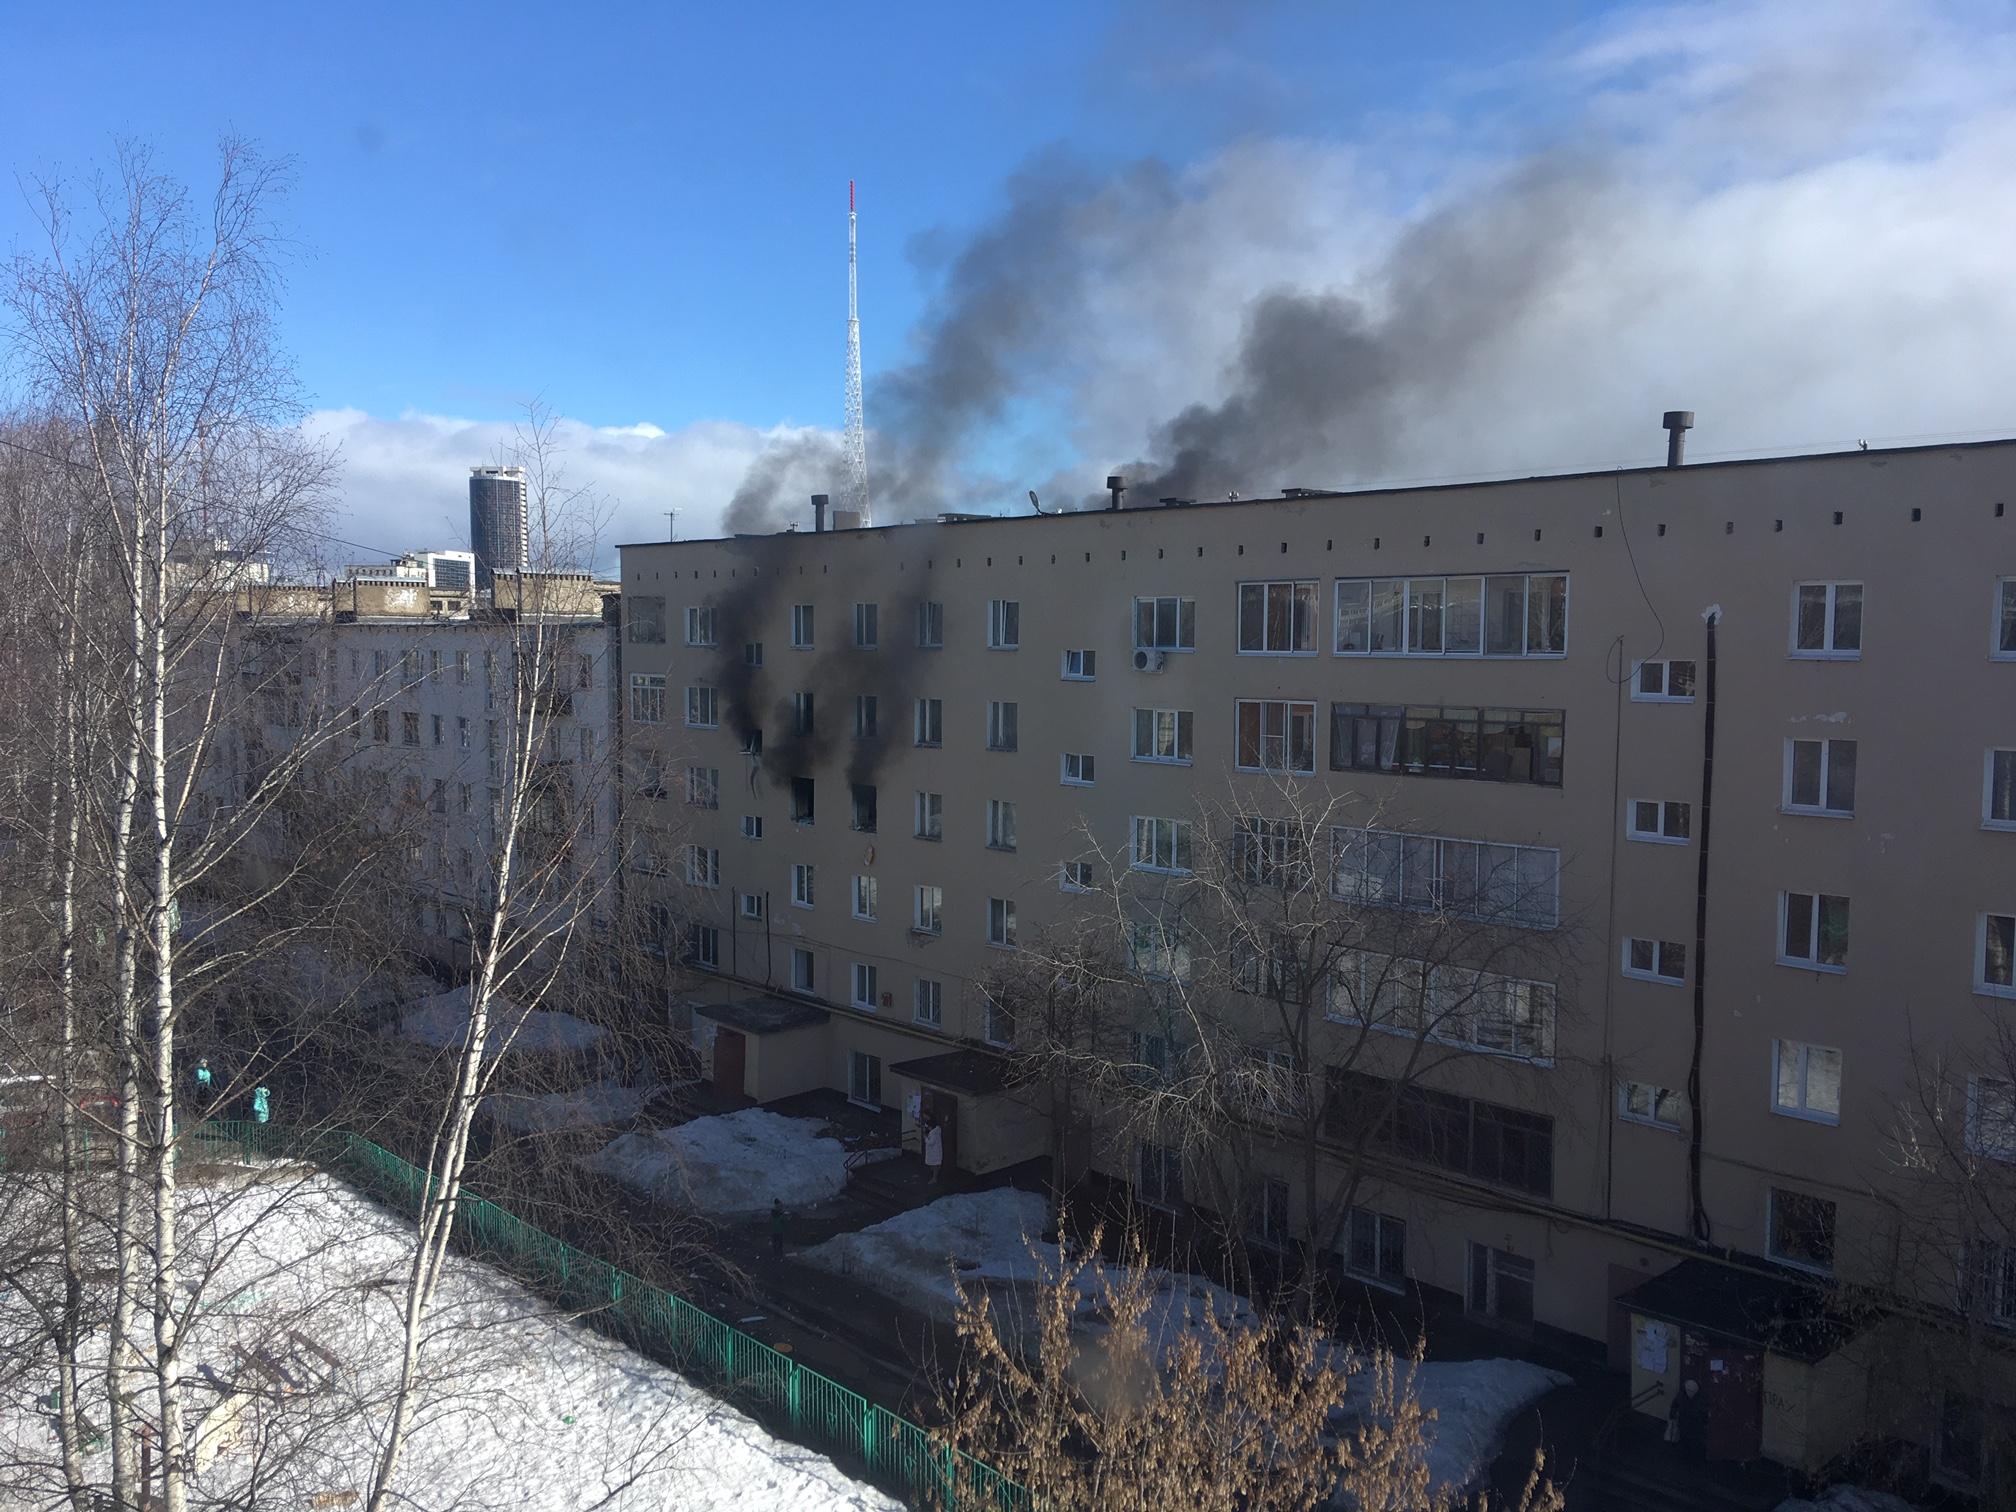 Затем начался пожар и из окон повалил дым